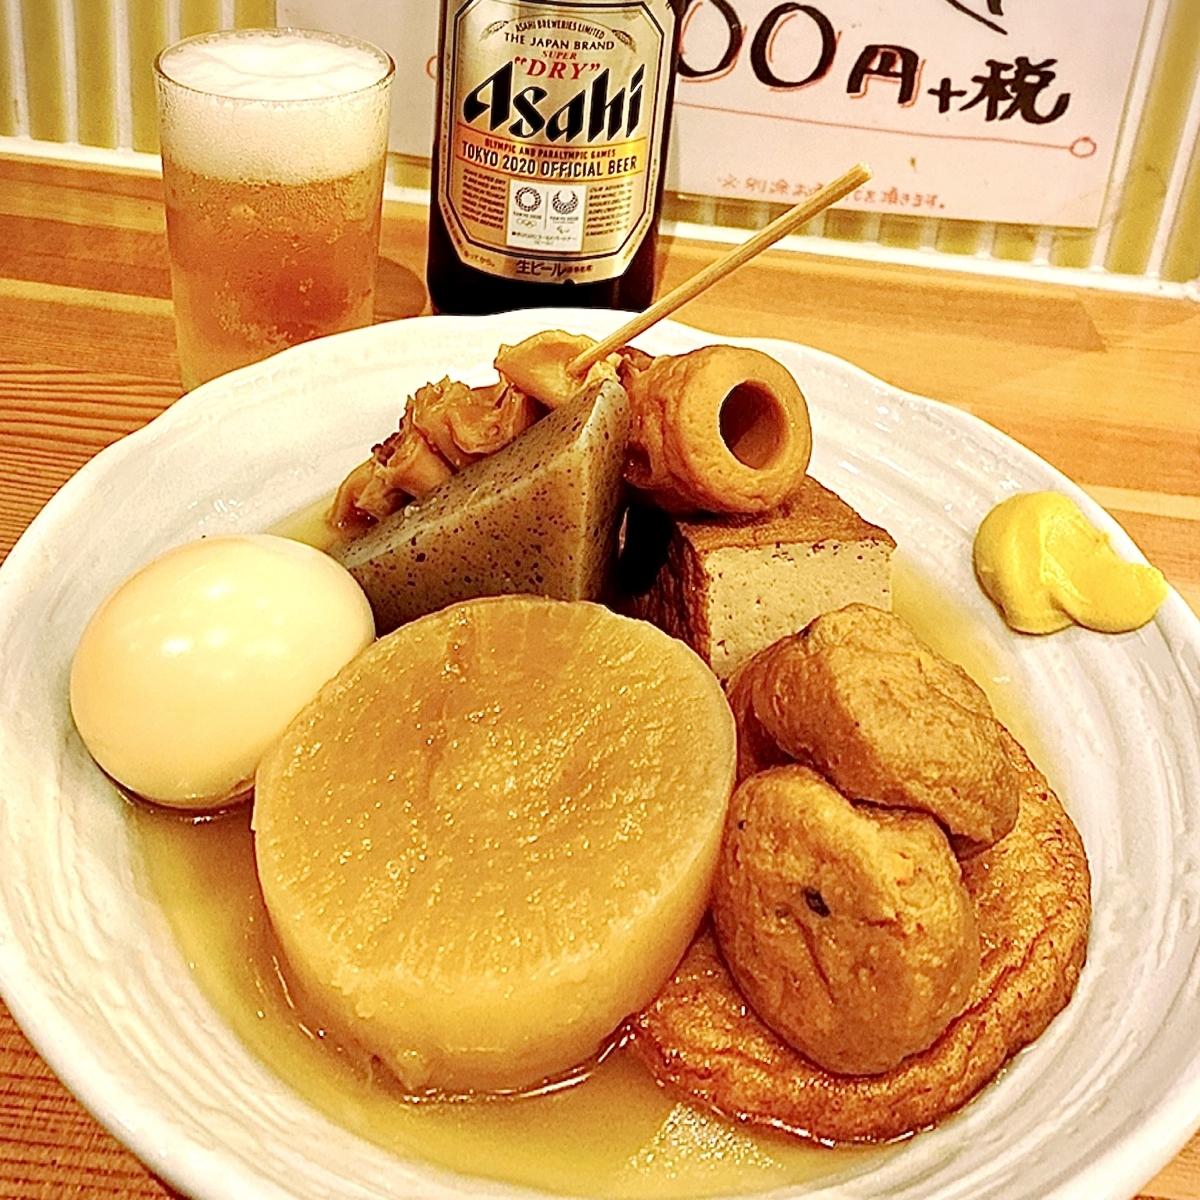 安いし美味い!女子会などにも利用できる浅草の居酒屋「寅鈴」